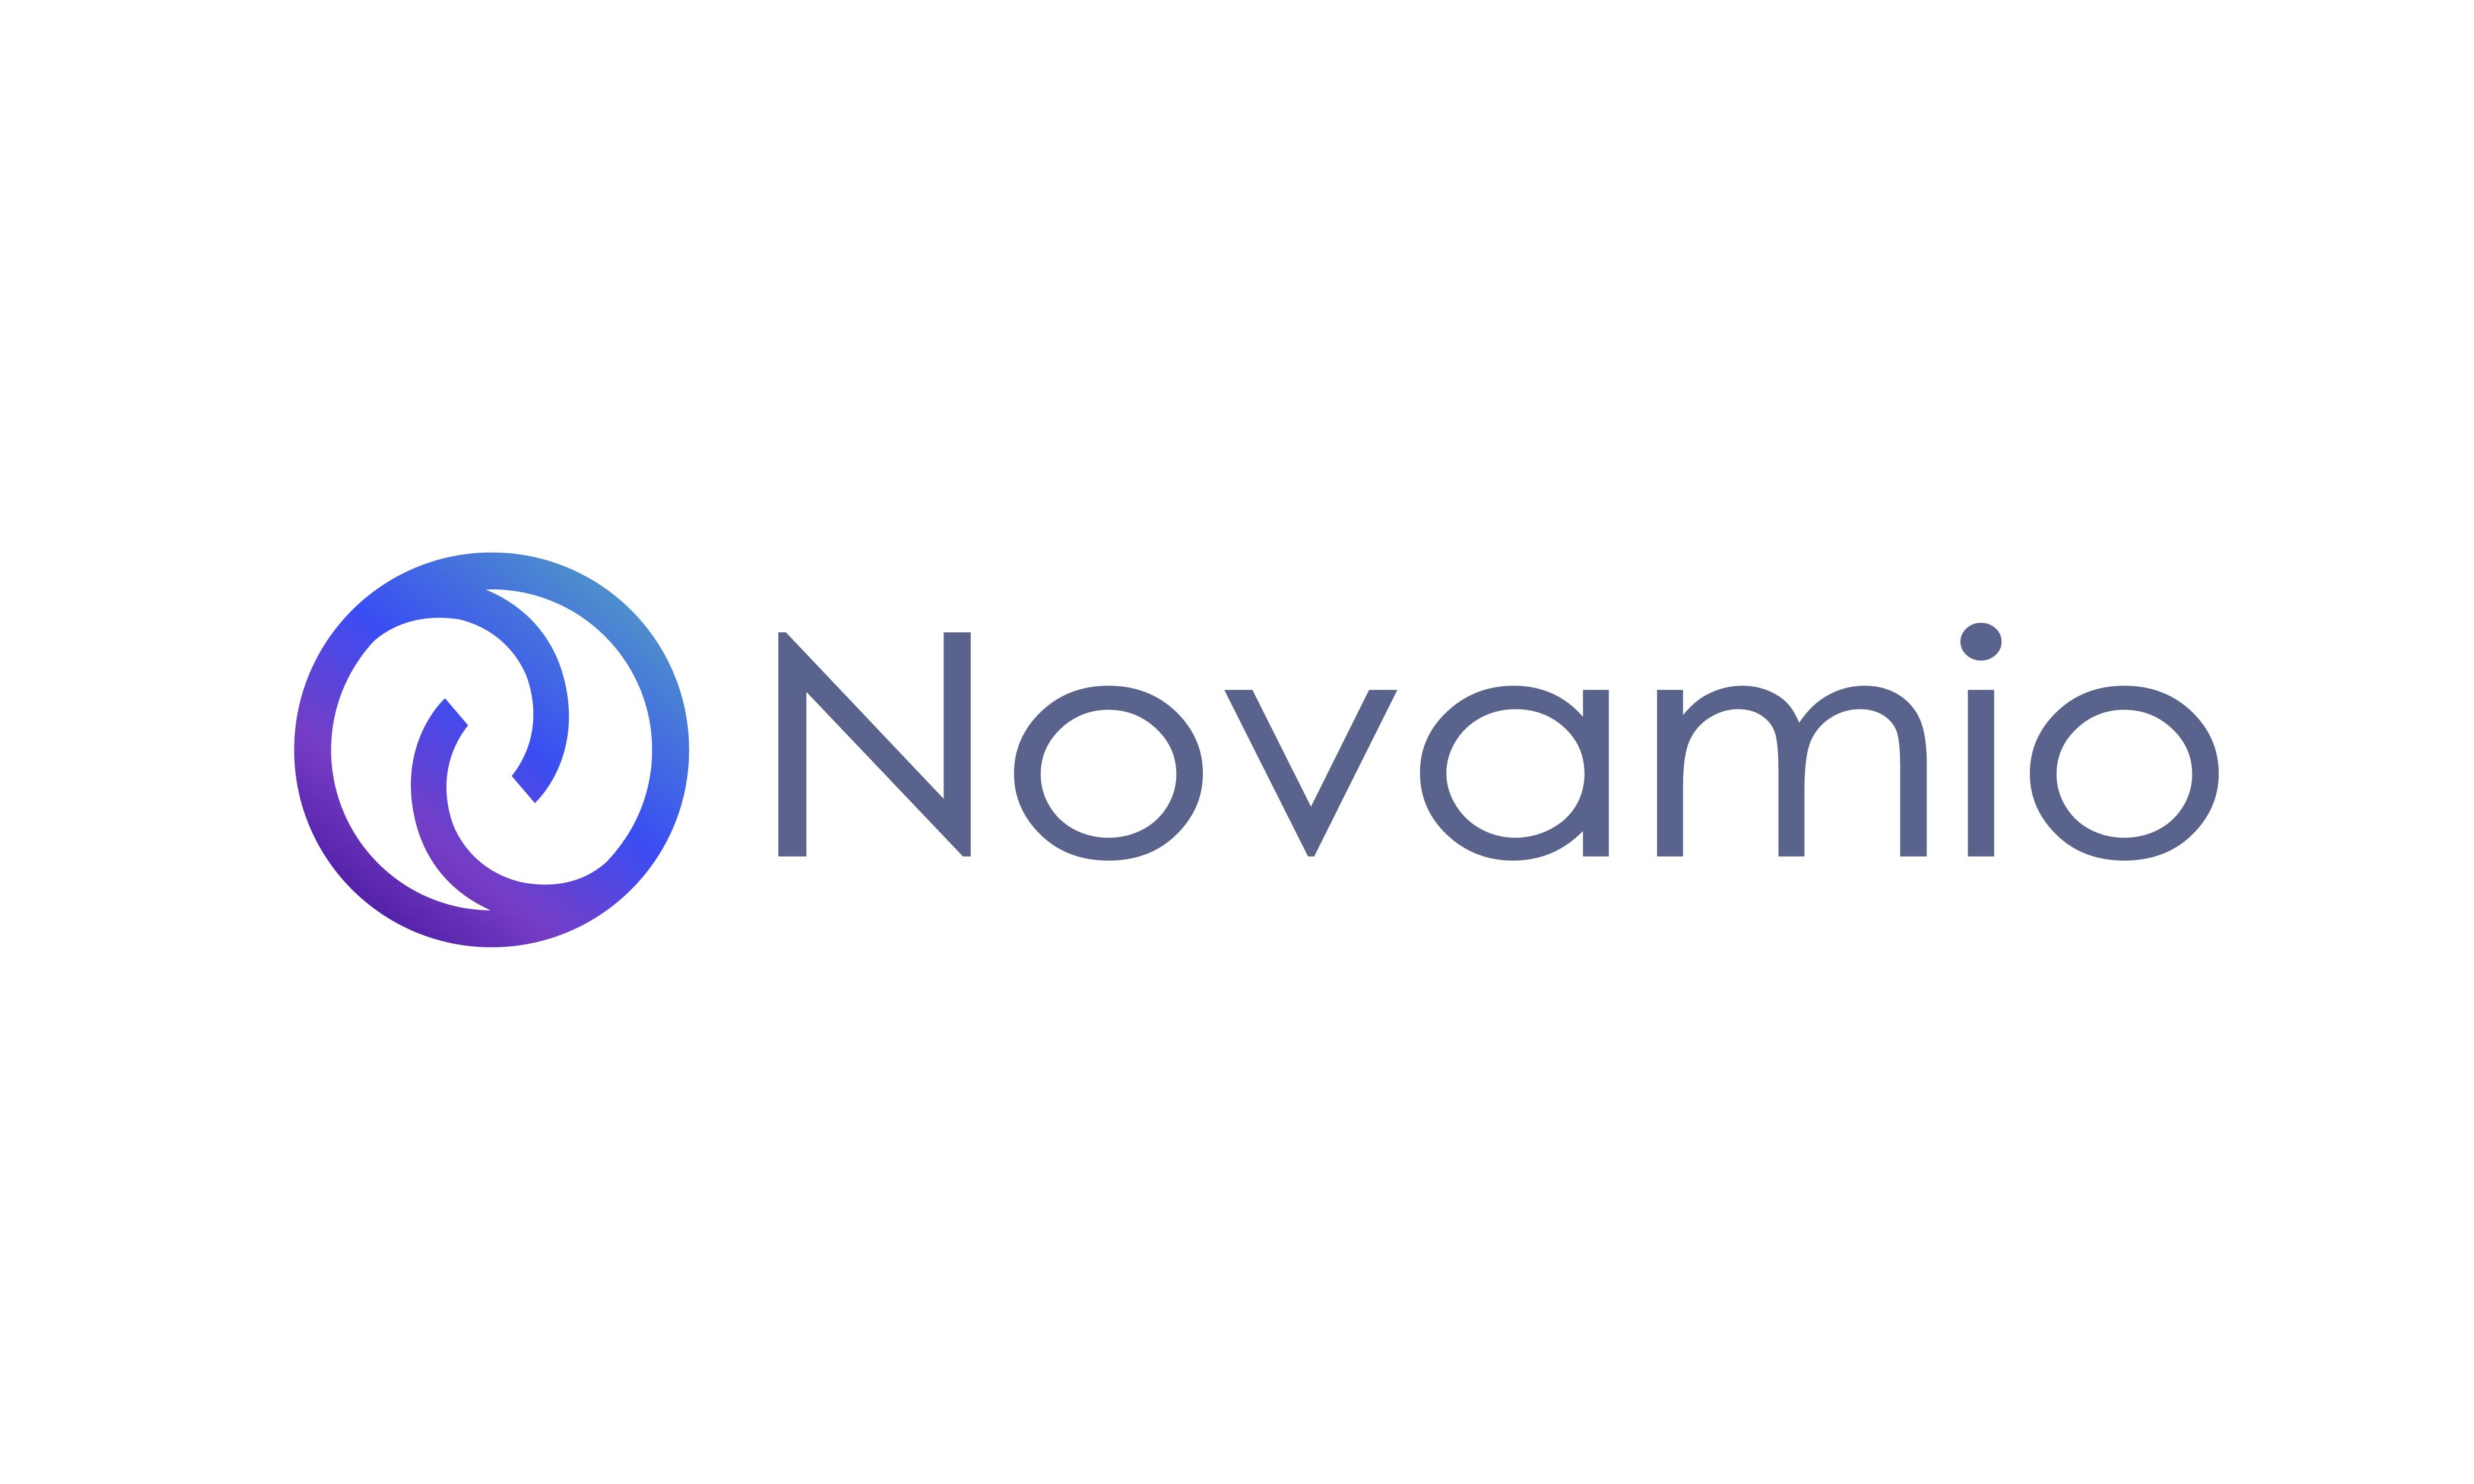 Novamio.com